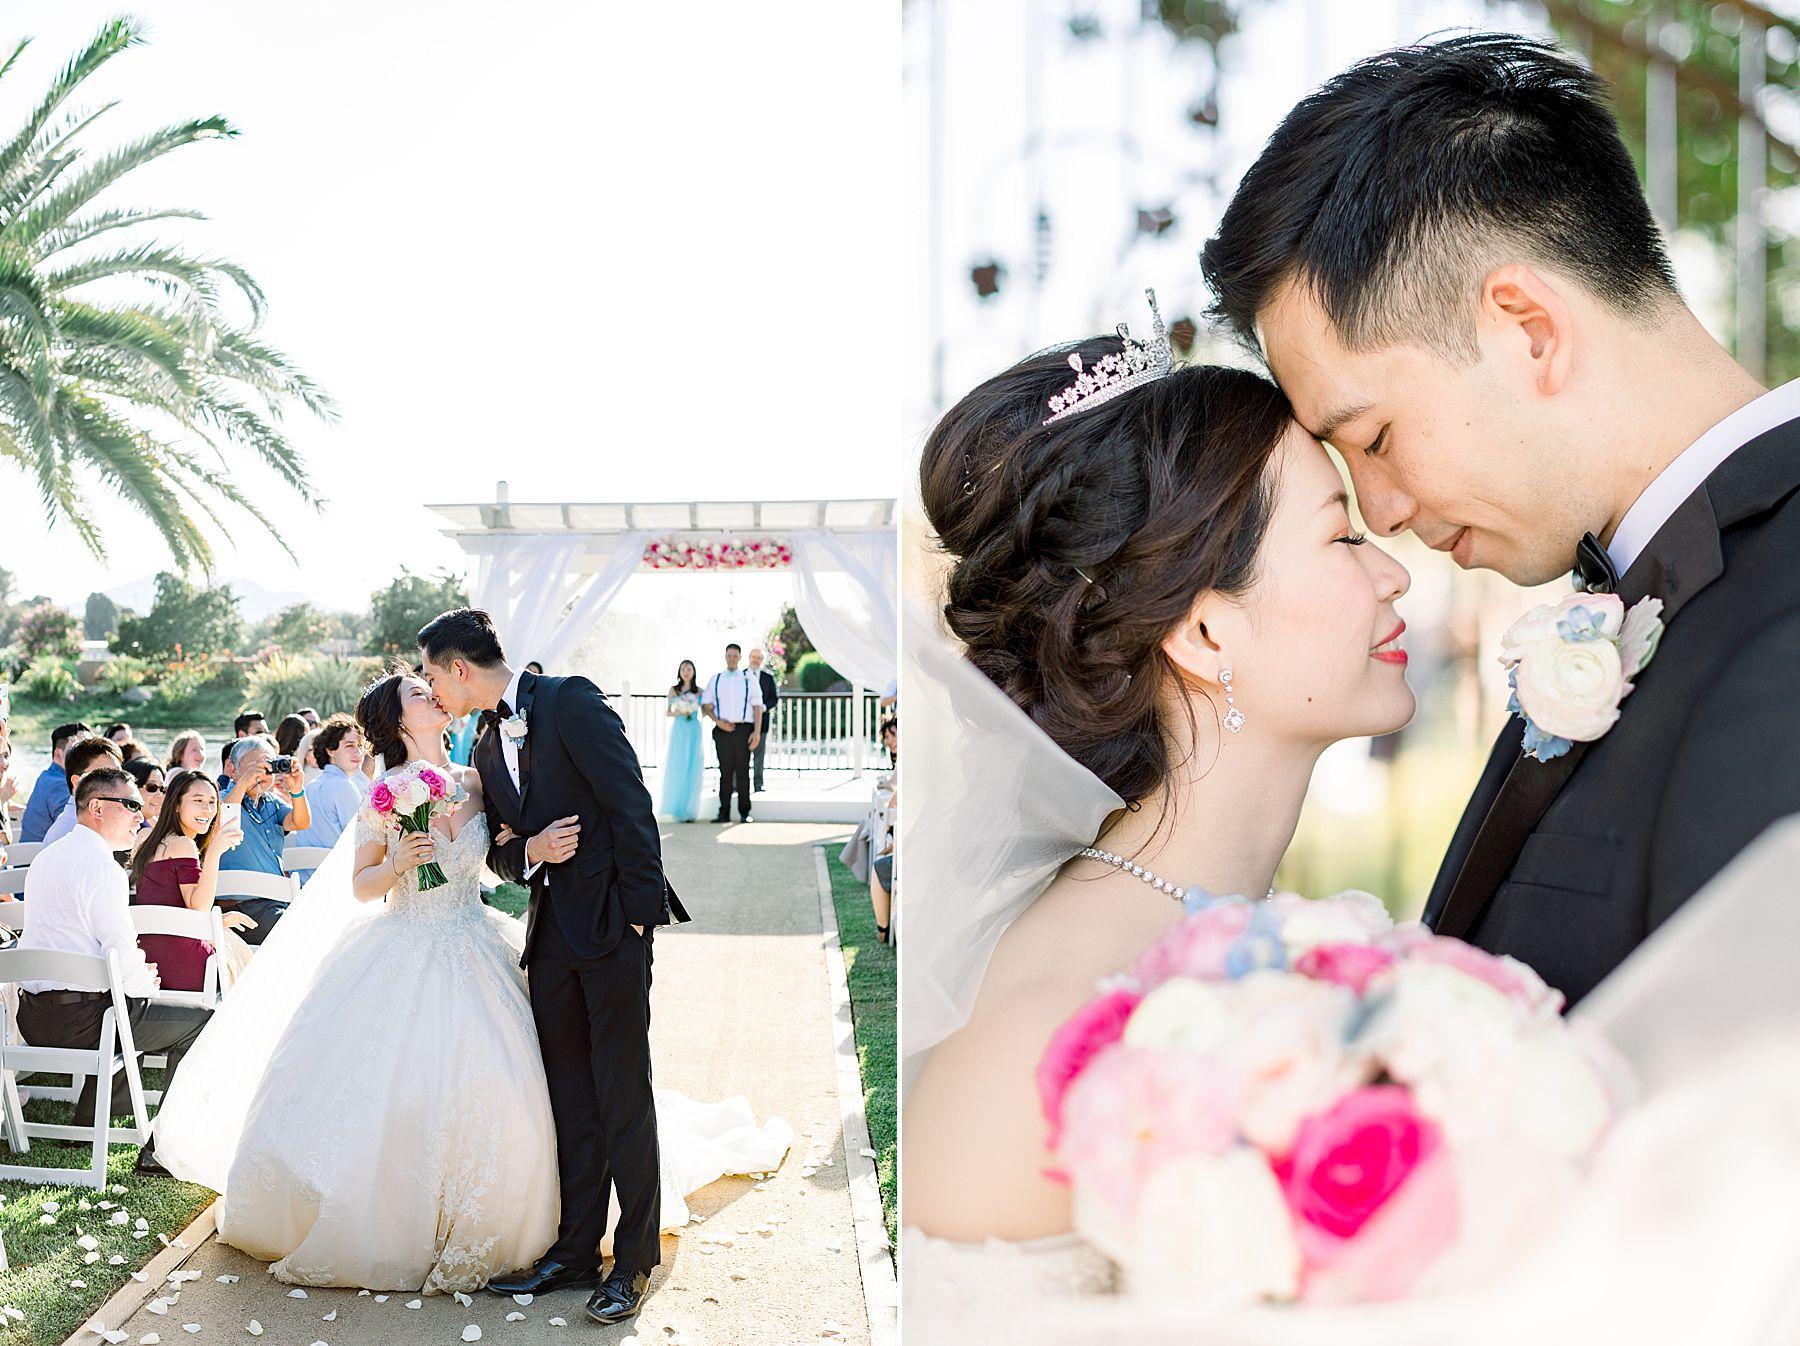 Newberry Estate Vineyards Wedding - Ashley Baumgartner - Jasmine and Johhny - Bay Area Wedding Photographer - Sacramento Wedding Photographer_0041.jpg